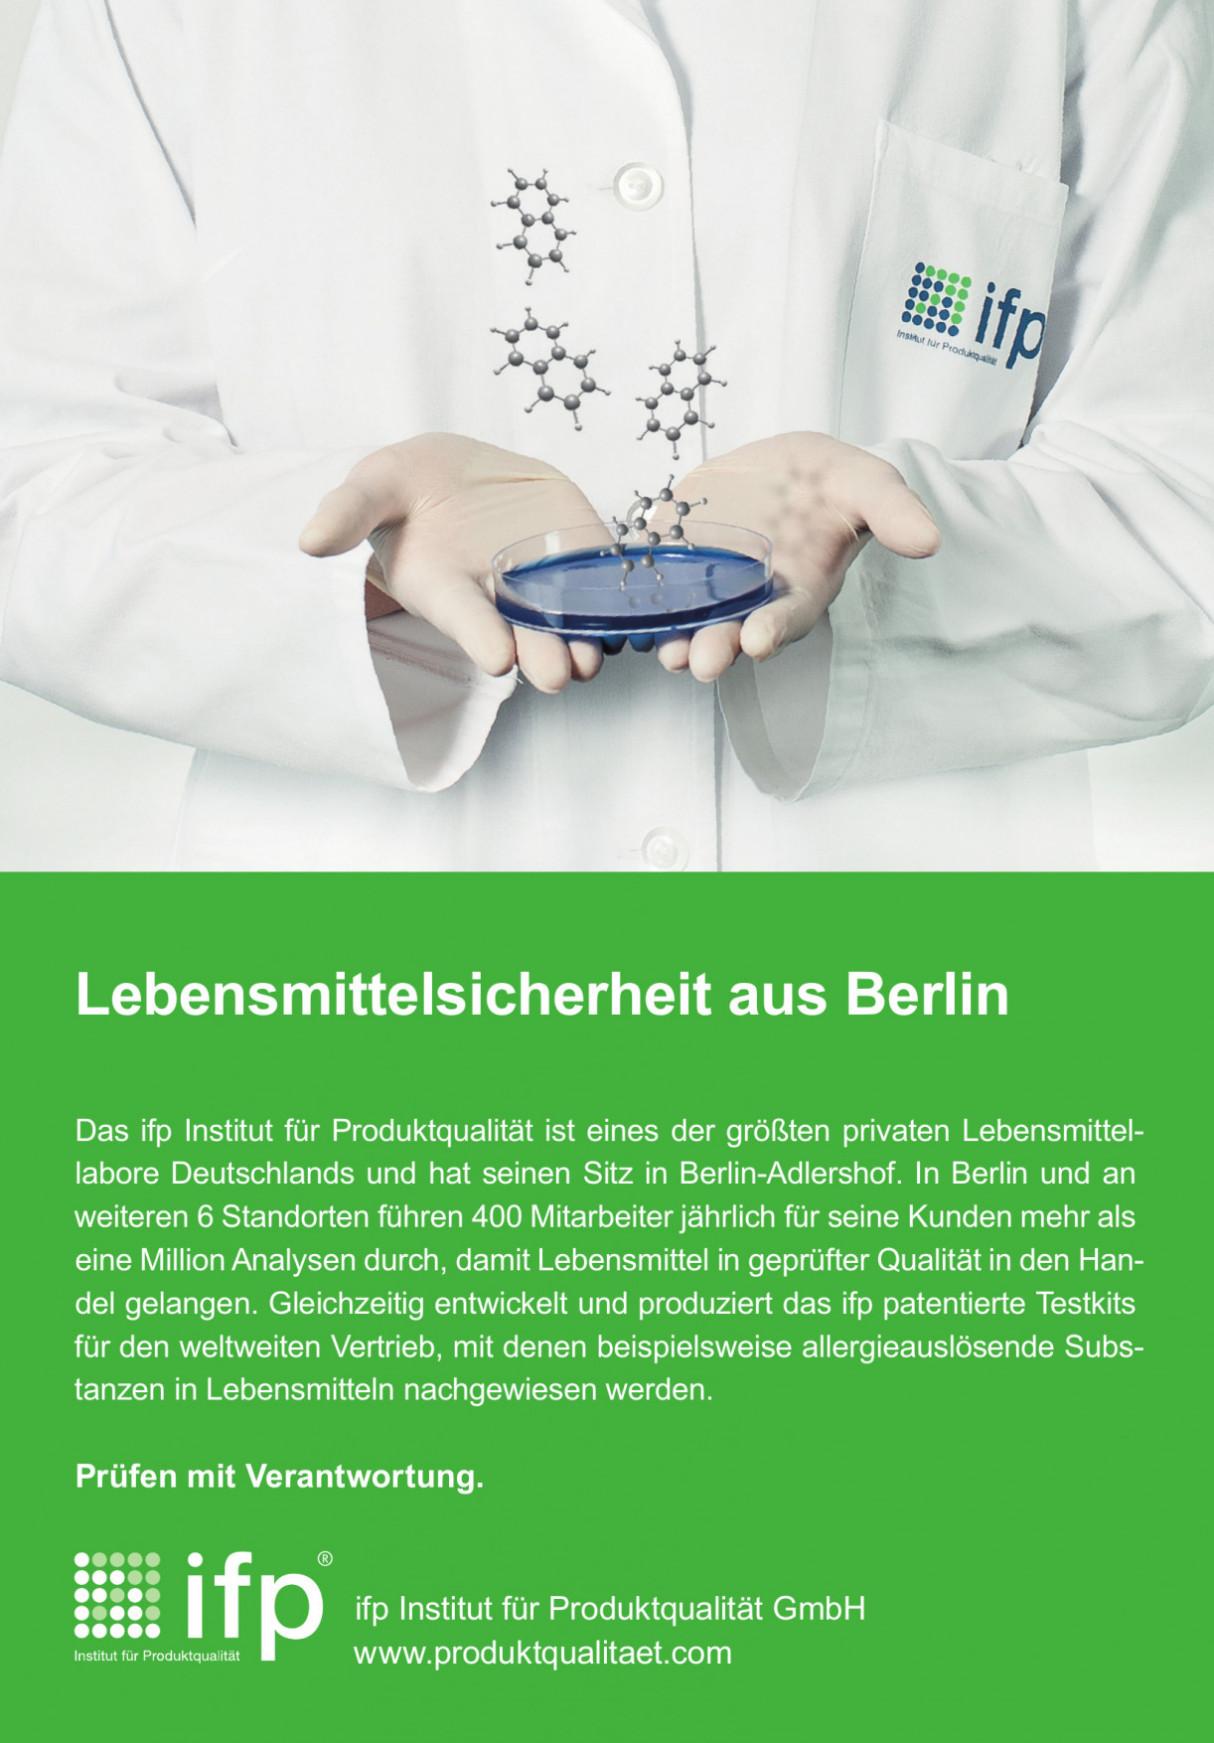 ifp Institut für Produktqualität GmbH